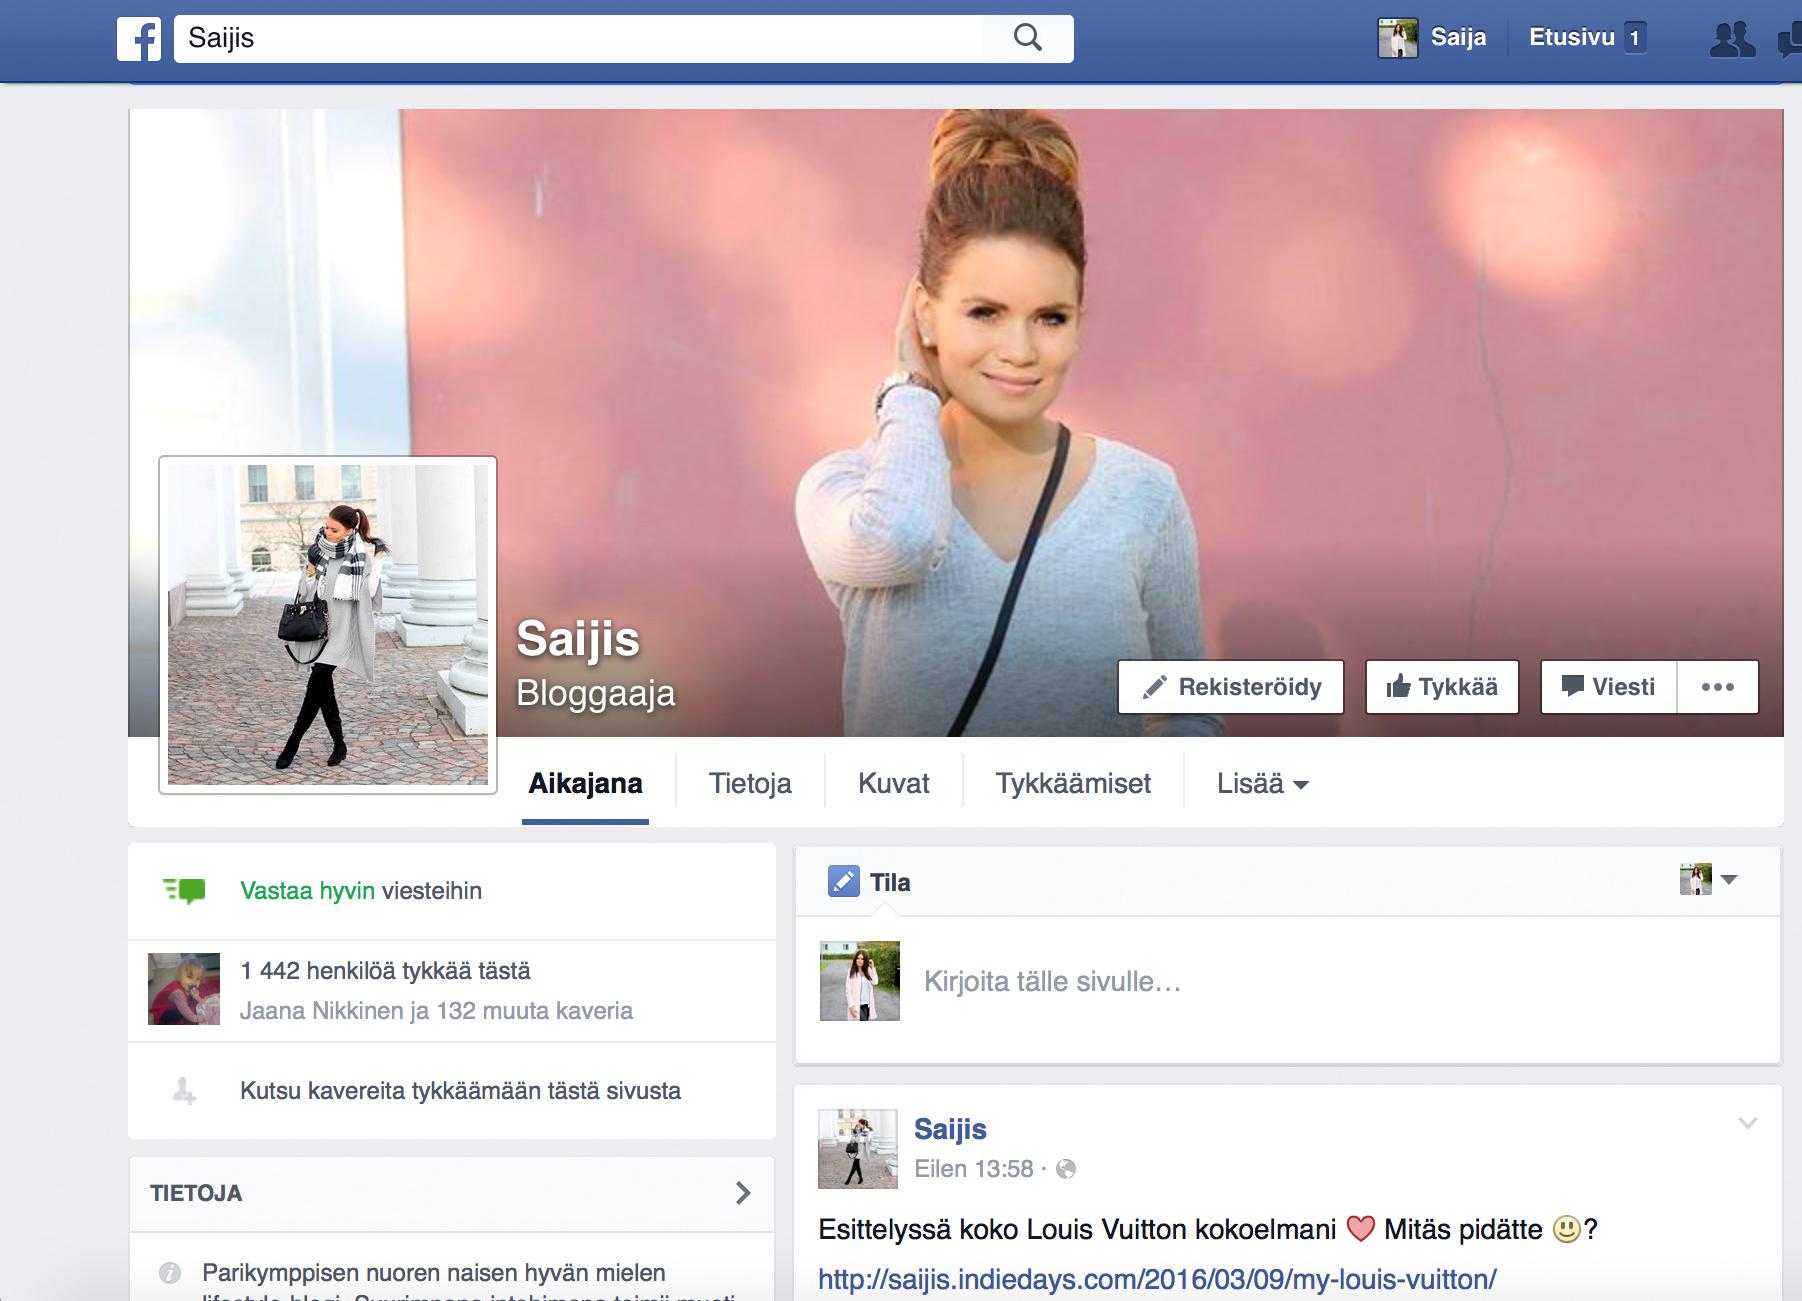 saijis facebook.png